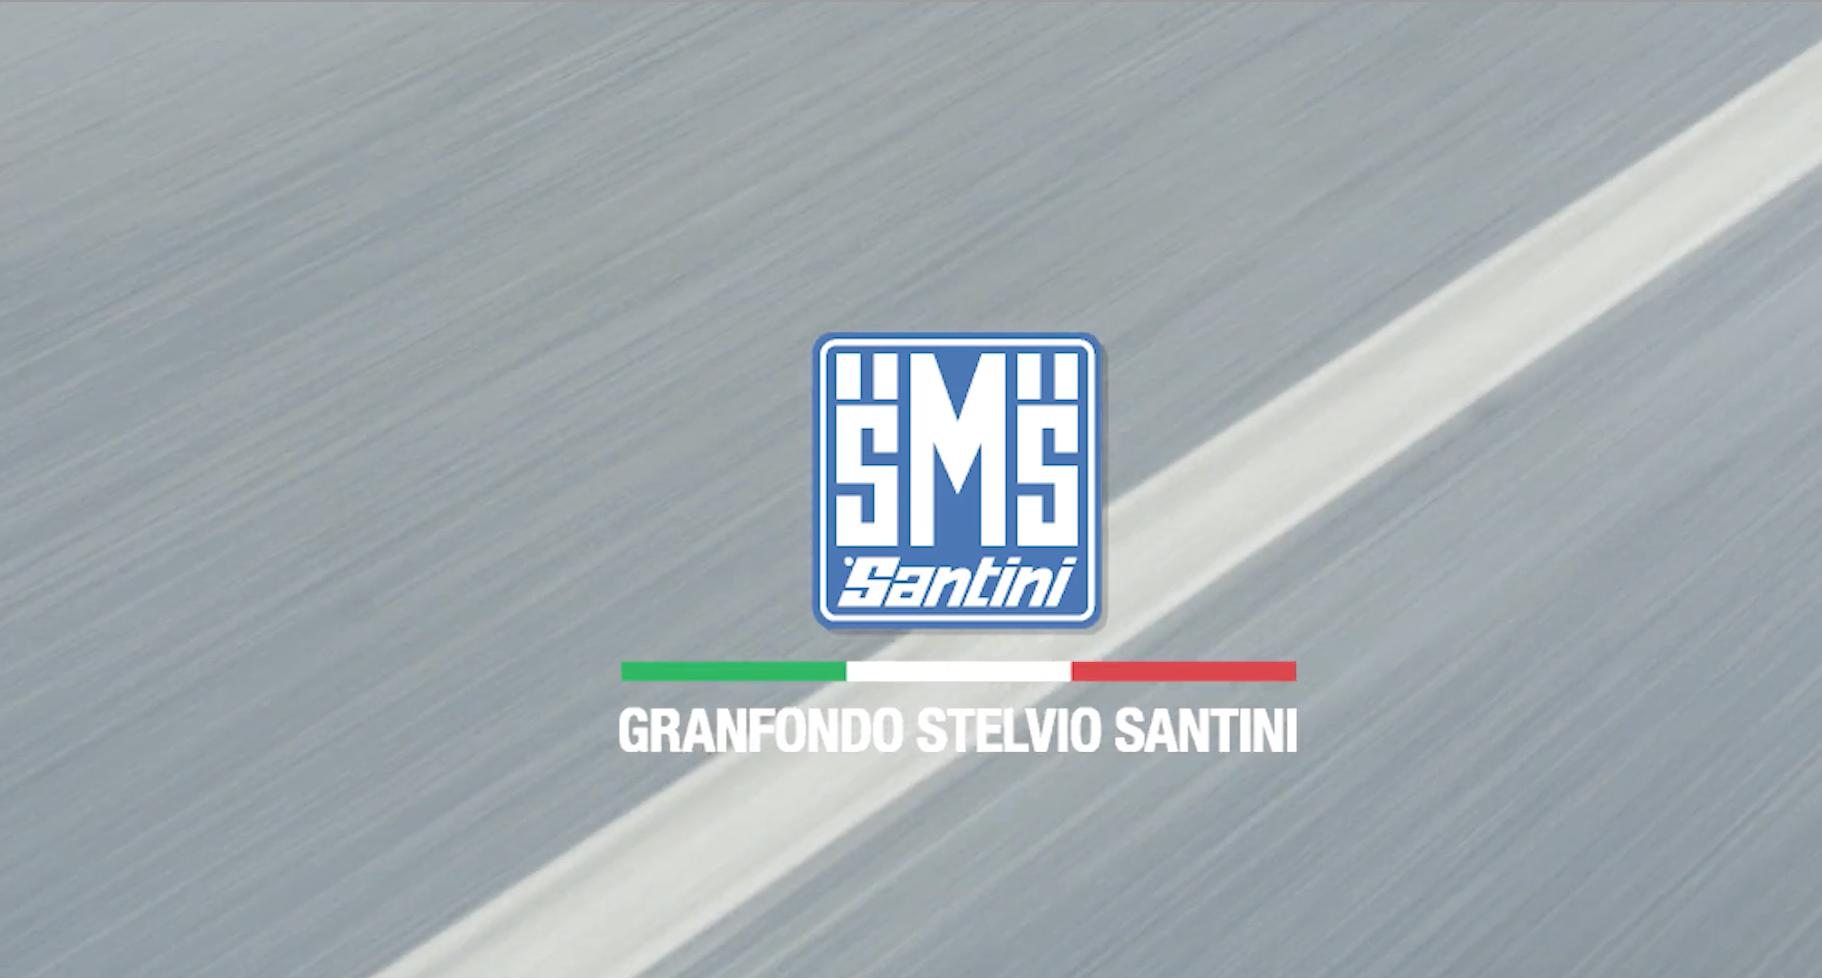 GF Stelvio Santini Reportage